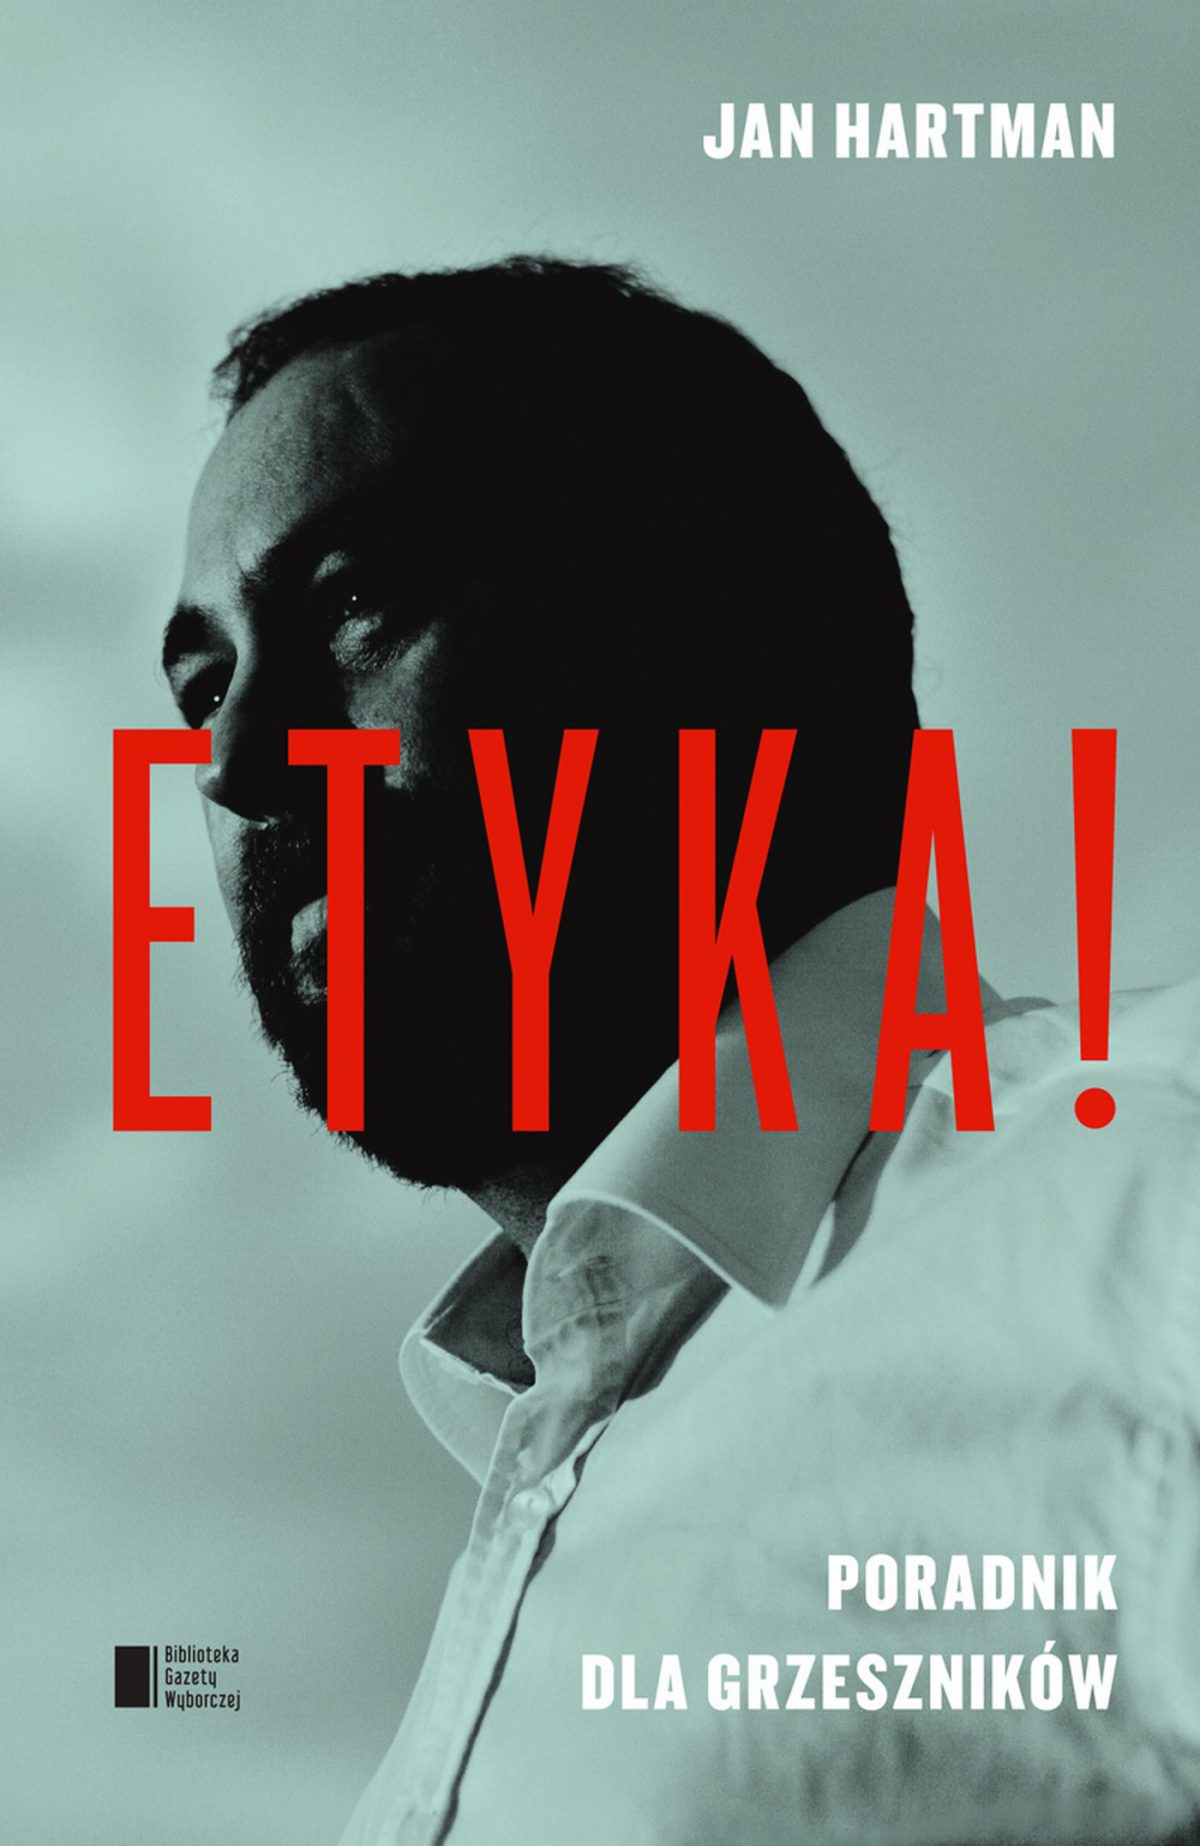 Etyka! Poradnik dla grzeszników - Ebook (Książka EPUB) do pobrania w formacie EPUB